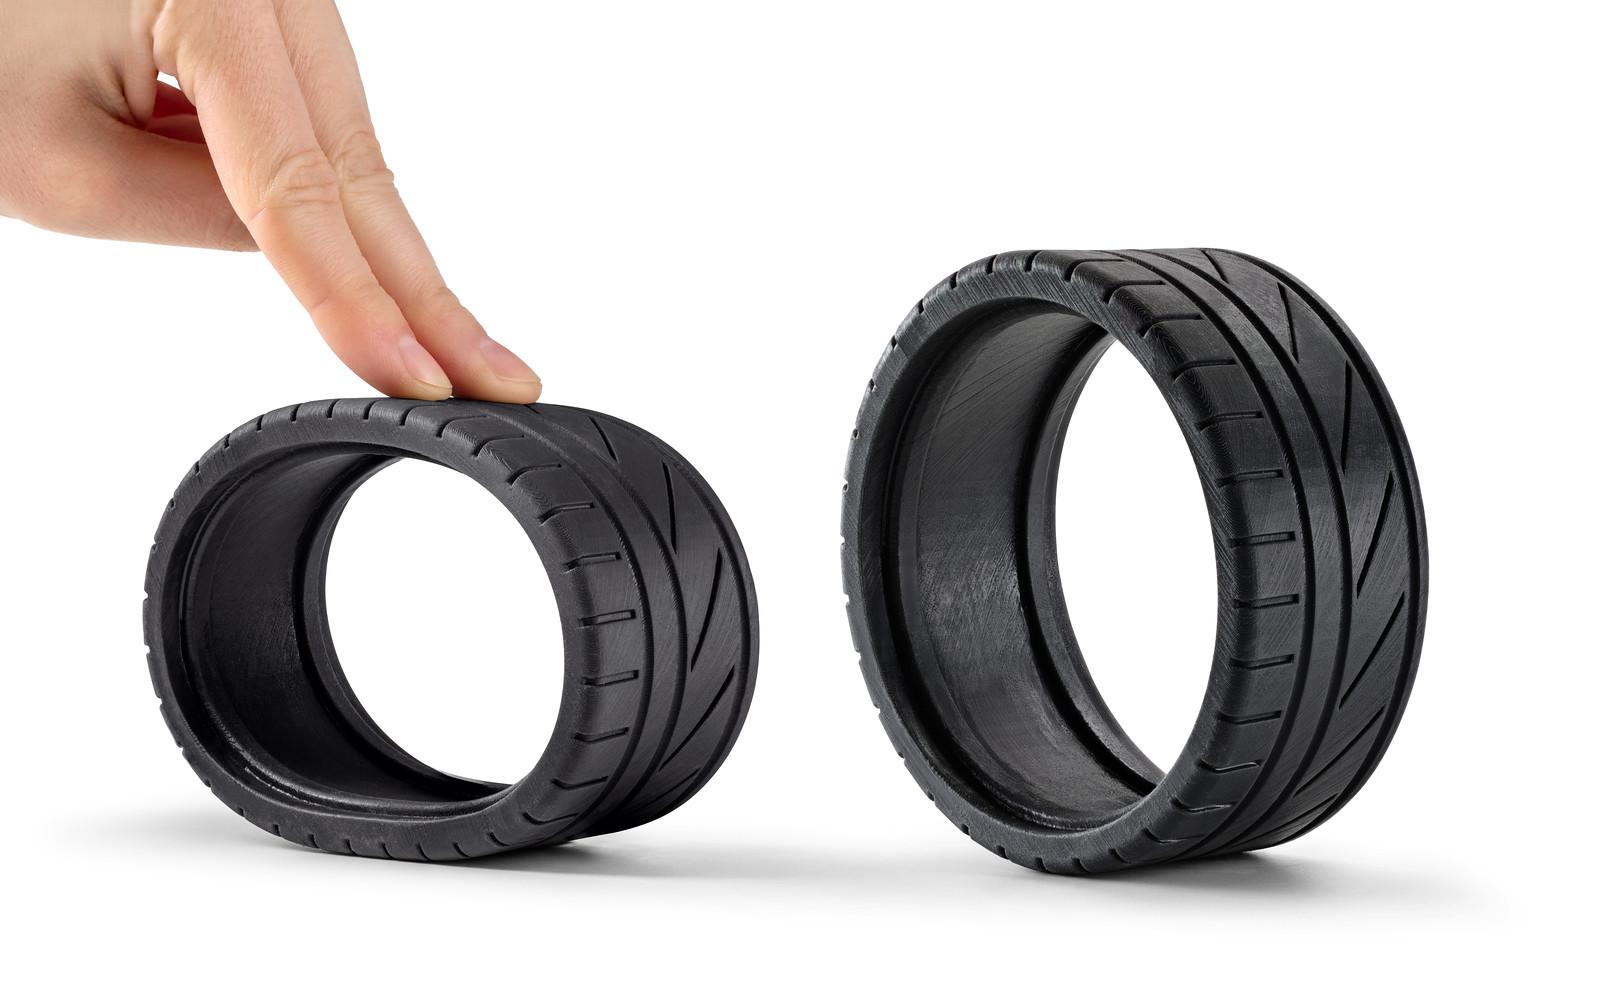 نمونه تایر خودرو، ساخته شده با پرینتر سه بعدی SLA و رزین انعطاف پذیر لاستیکی. تصویر متعلق به Formlabs